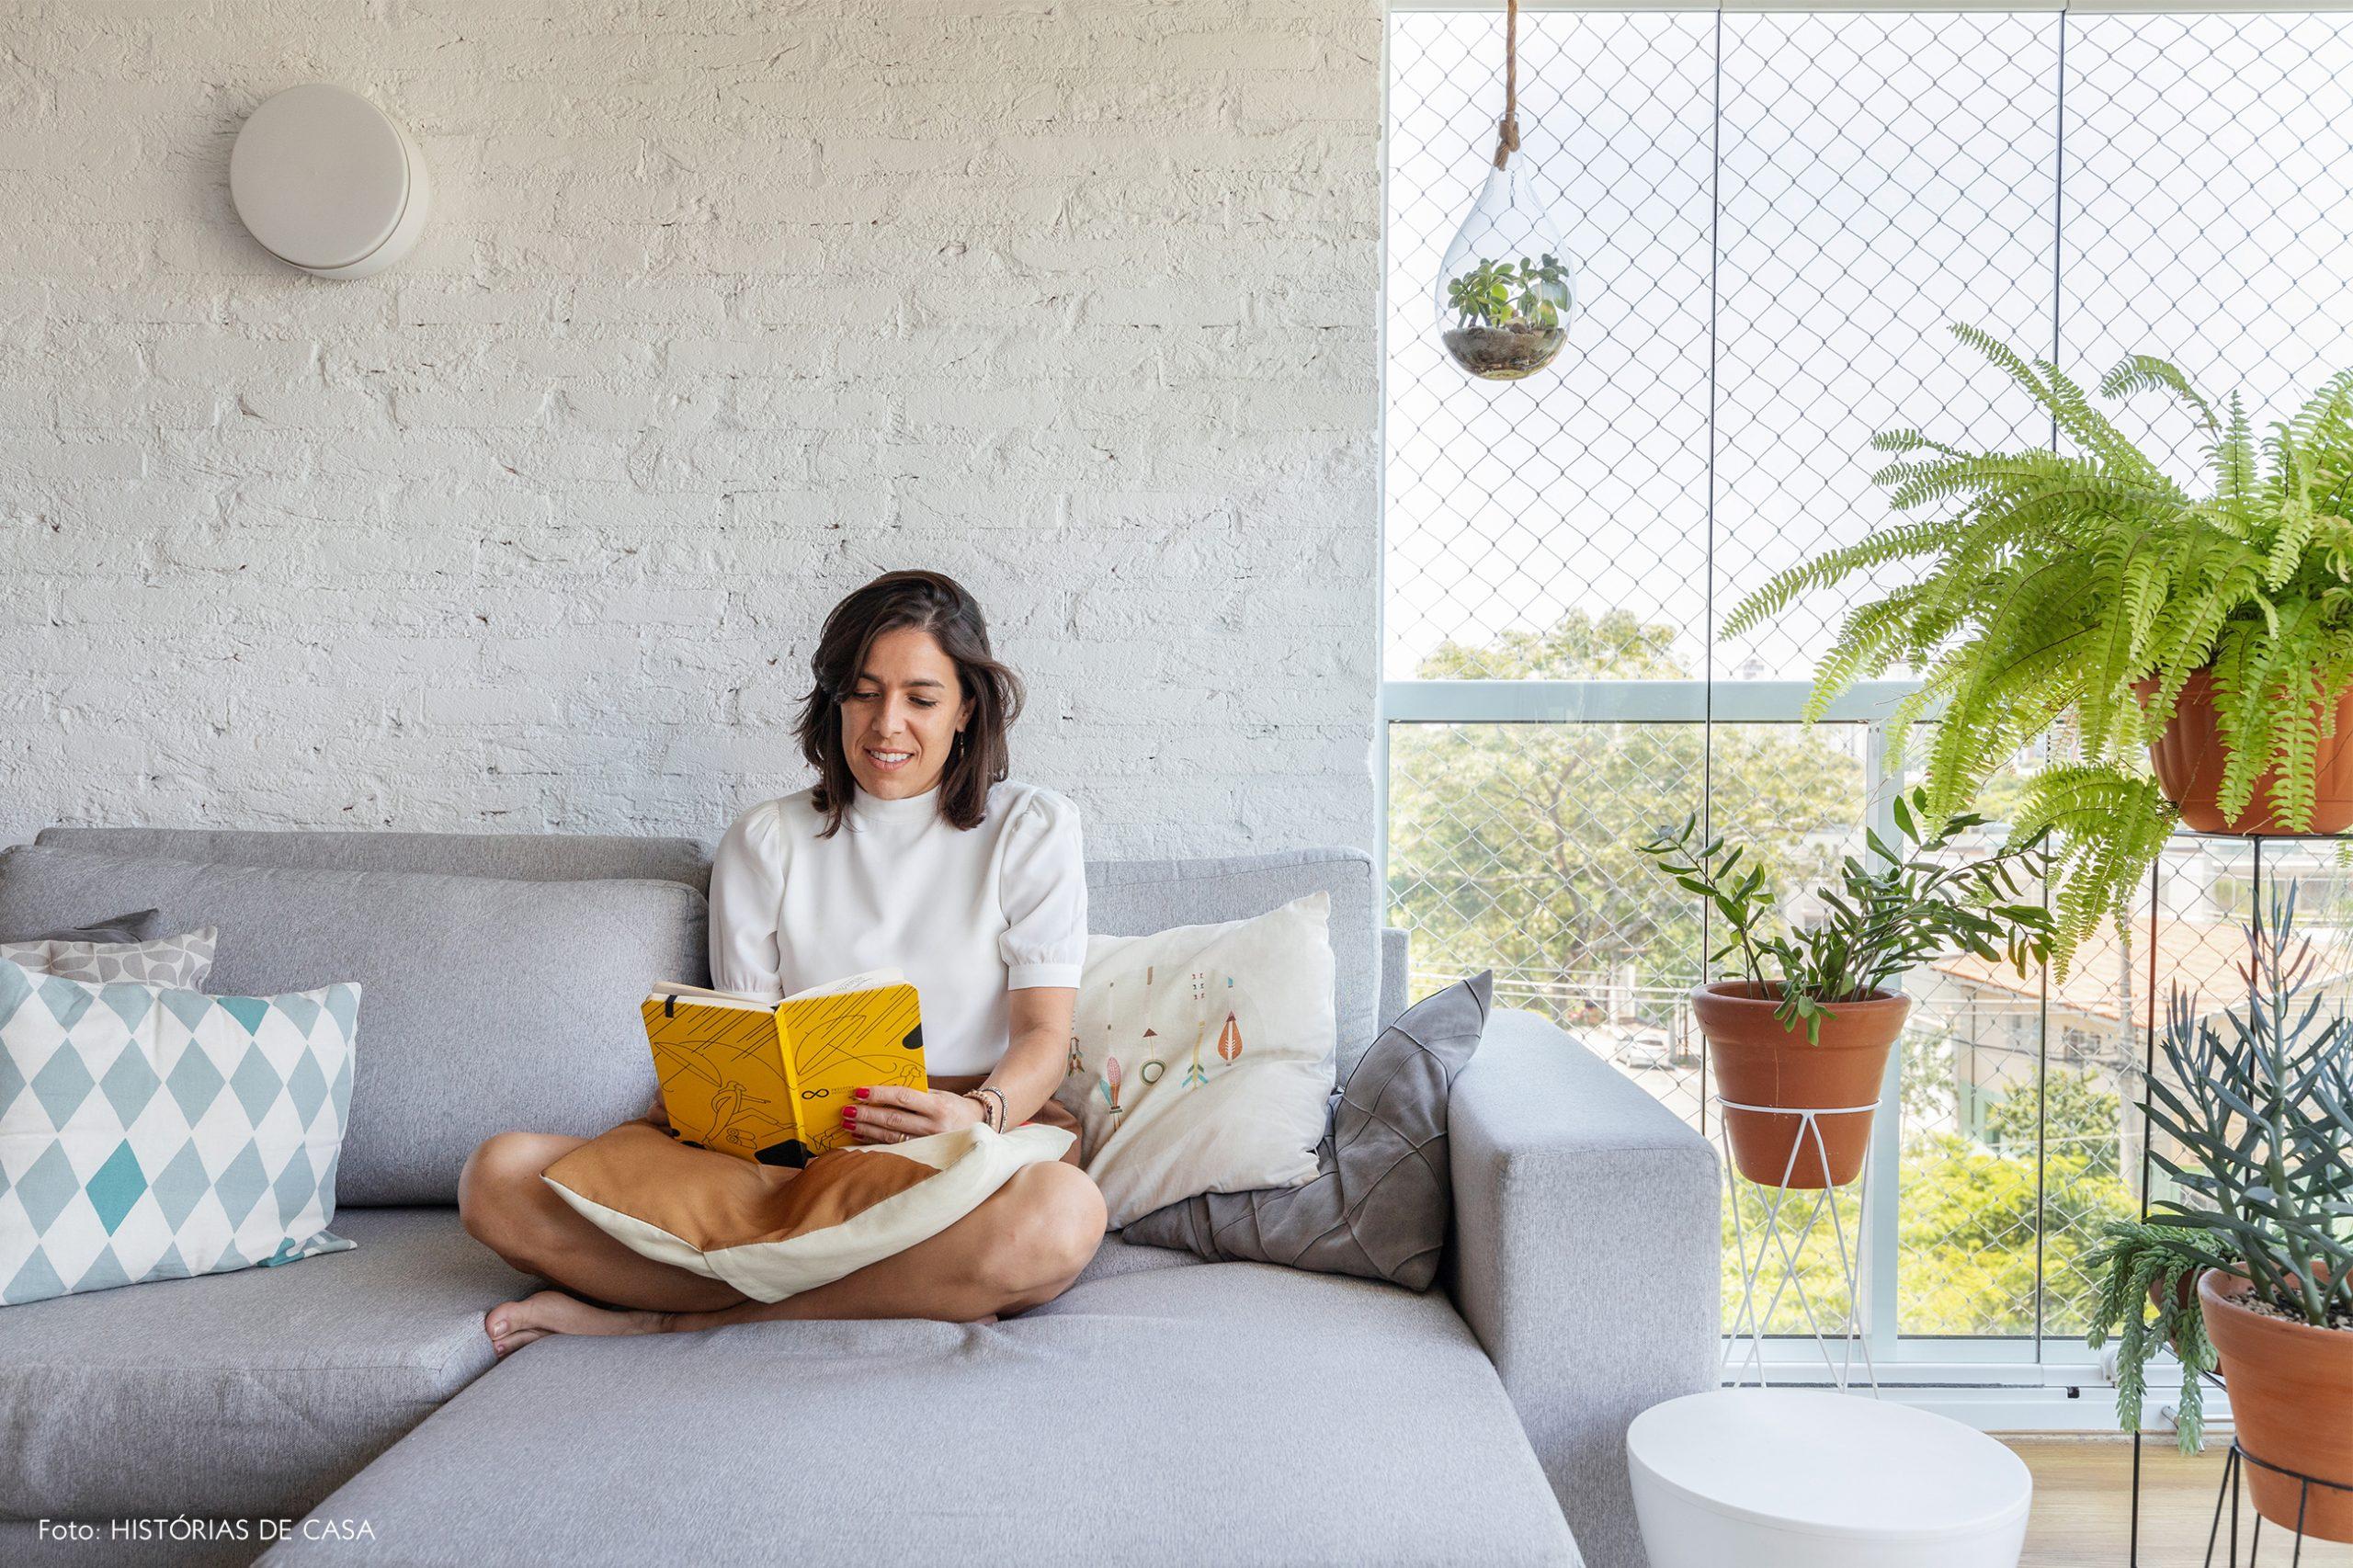 decoração retrato em sala com parede de tijolos brancos, plantas e sofá cinza